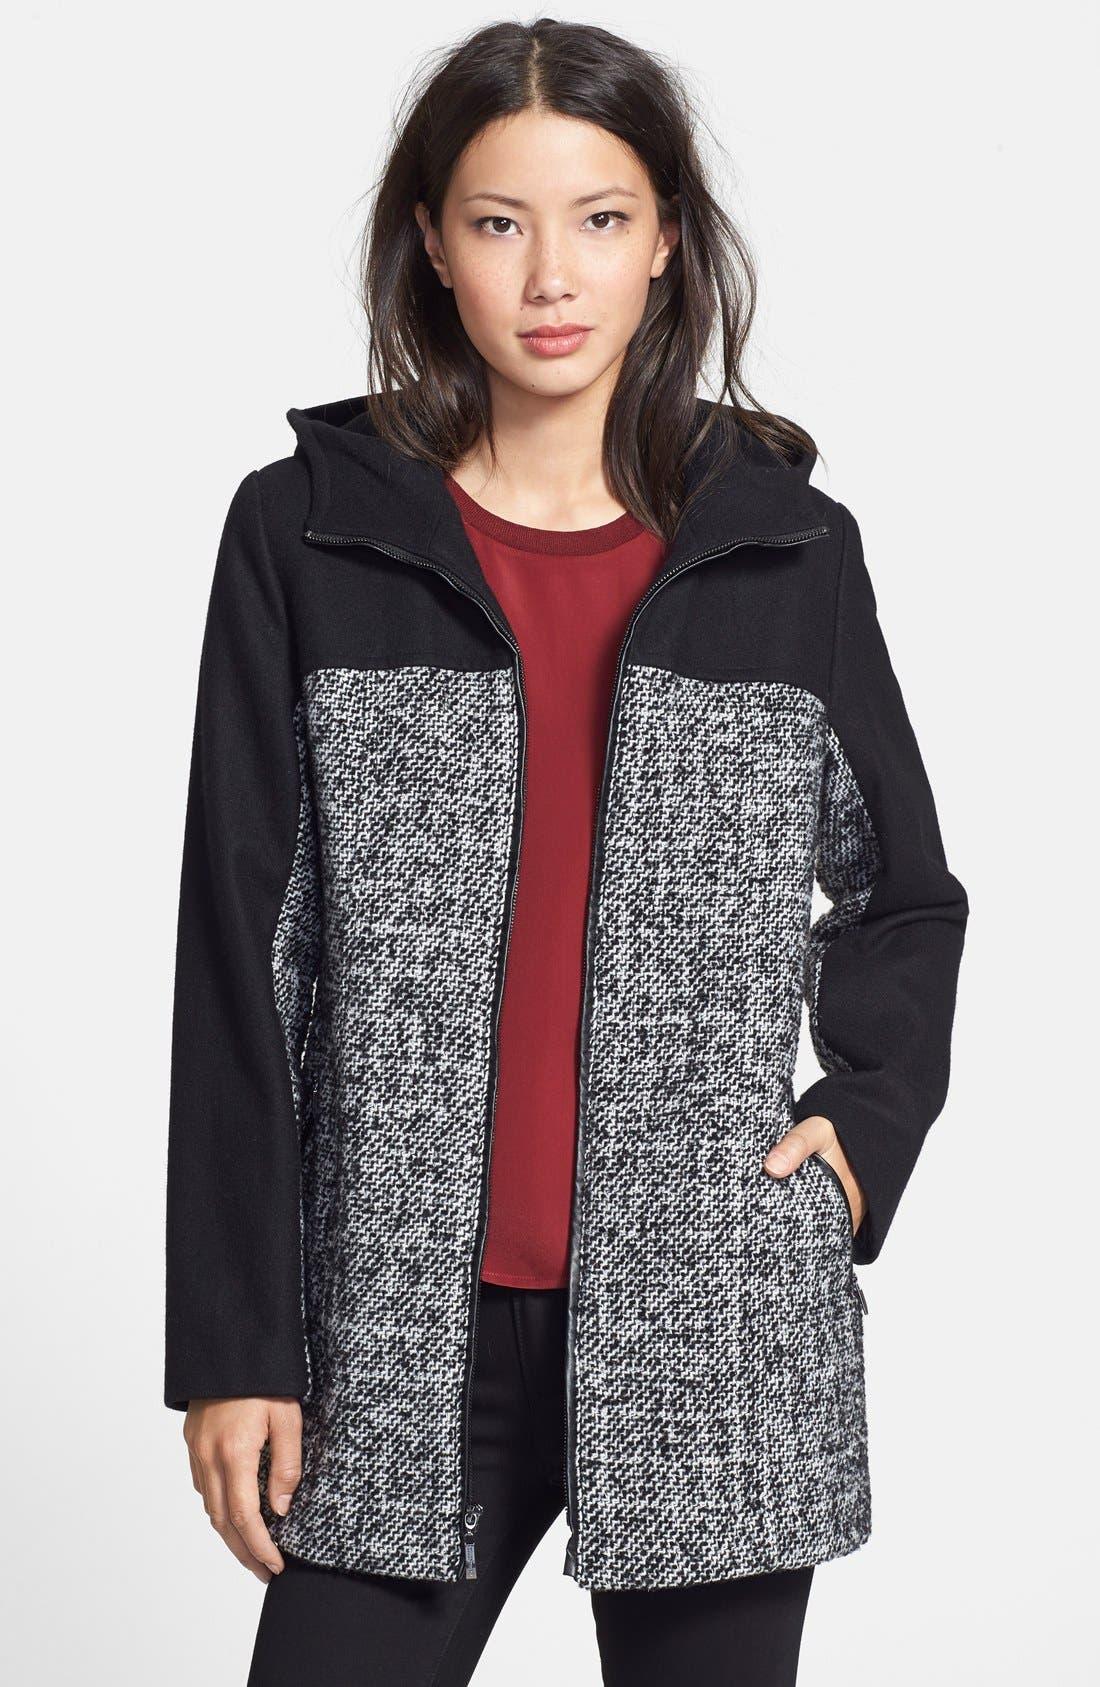 Main Image - Ellen Tracy Colorblock Tweed Car Coat (Regular & Petite) (Online Only)